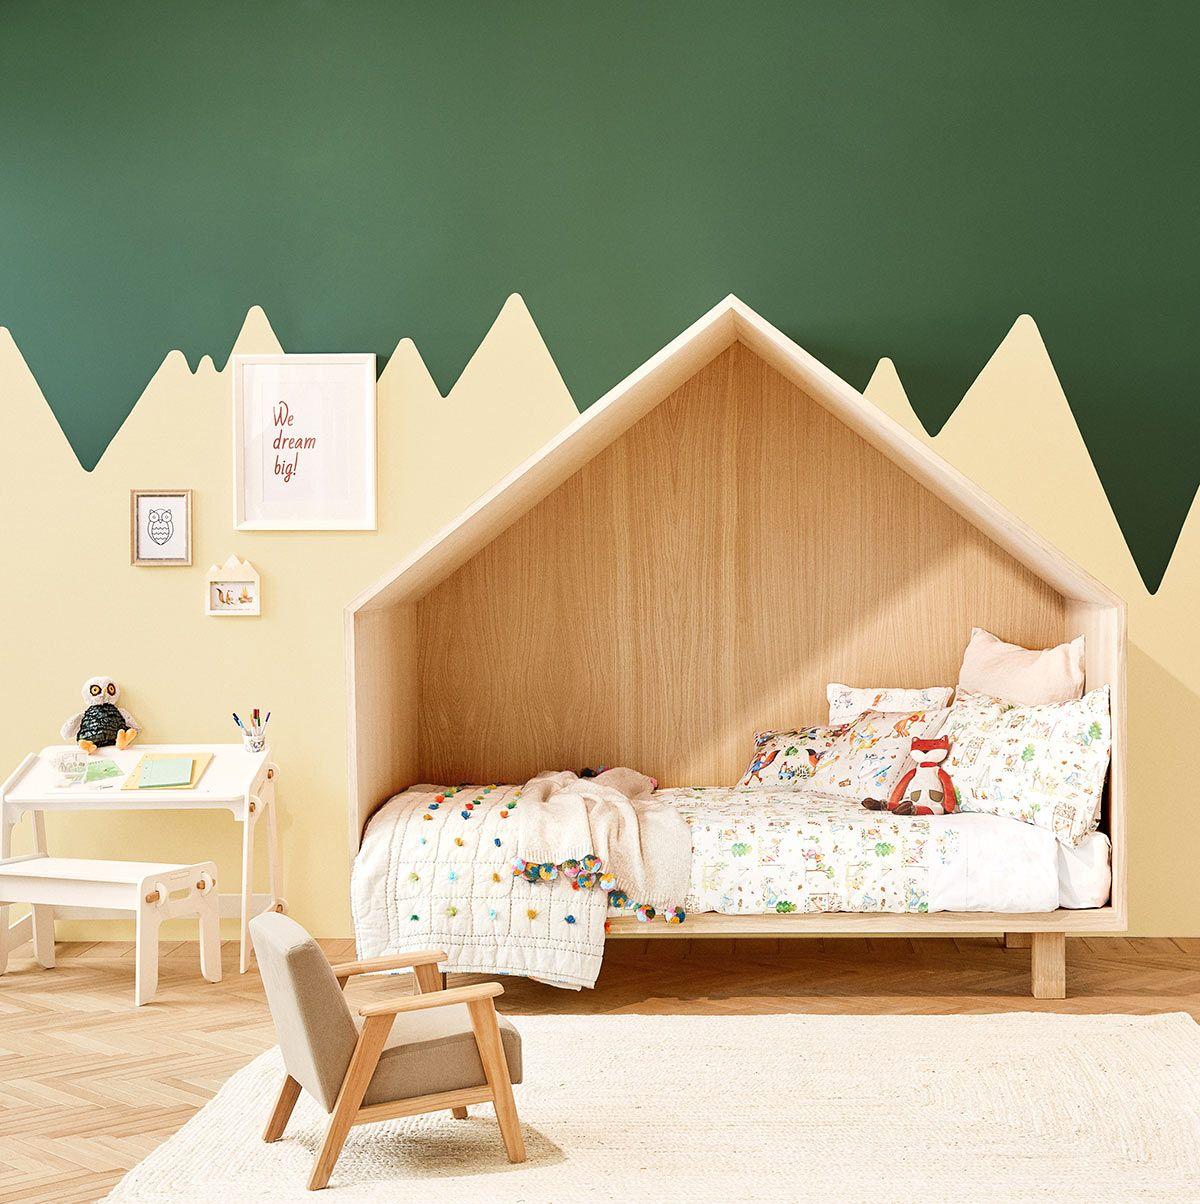 Zara Home  mooie vorm bergjes op muur  ZKinder kamers